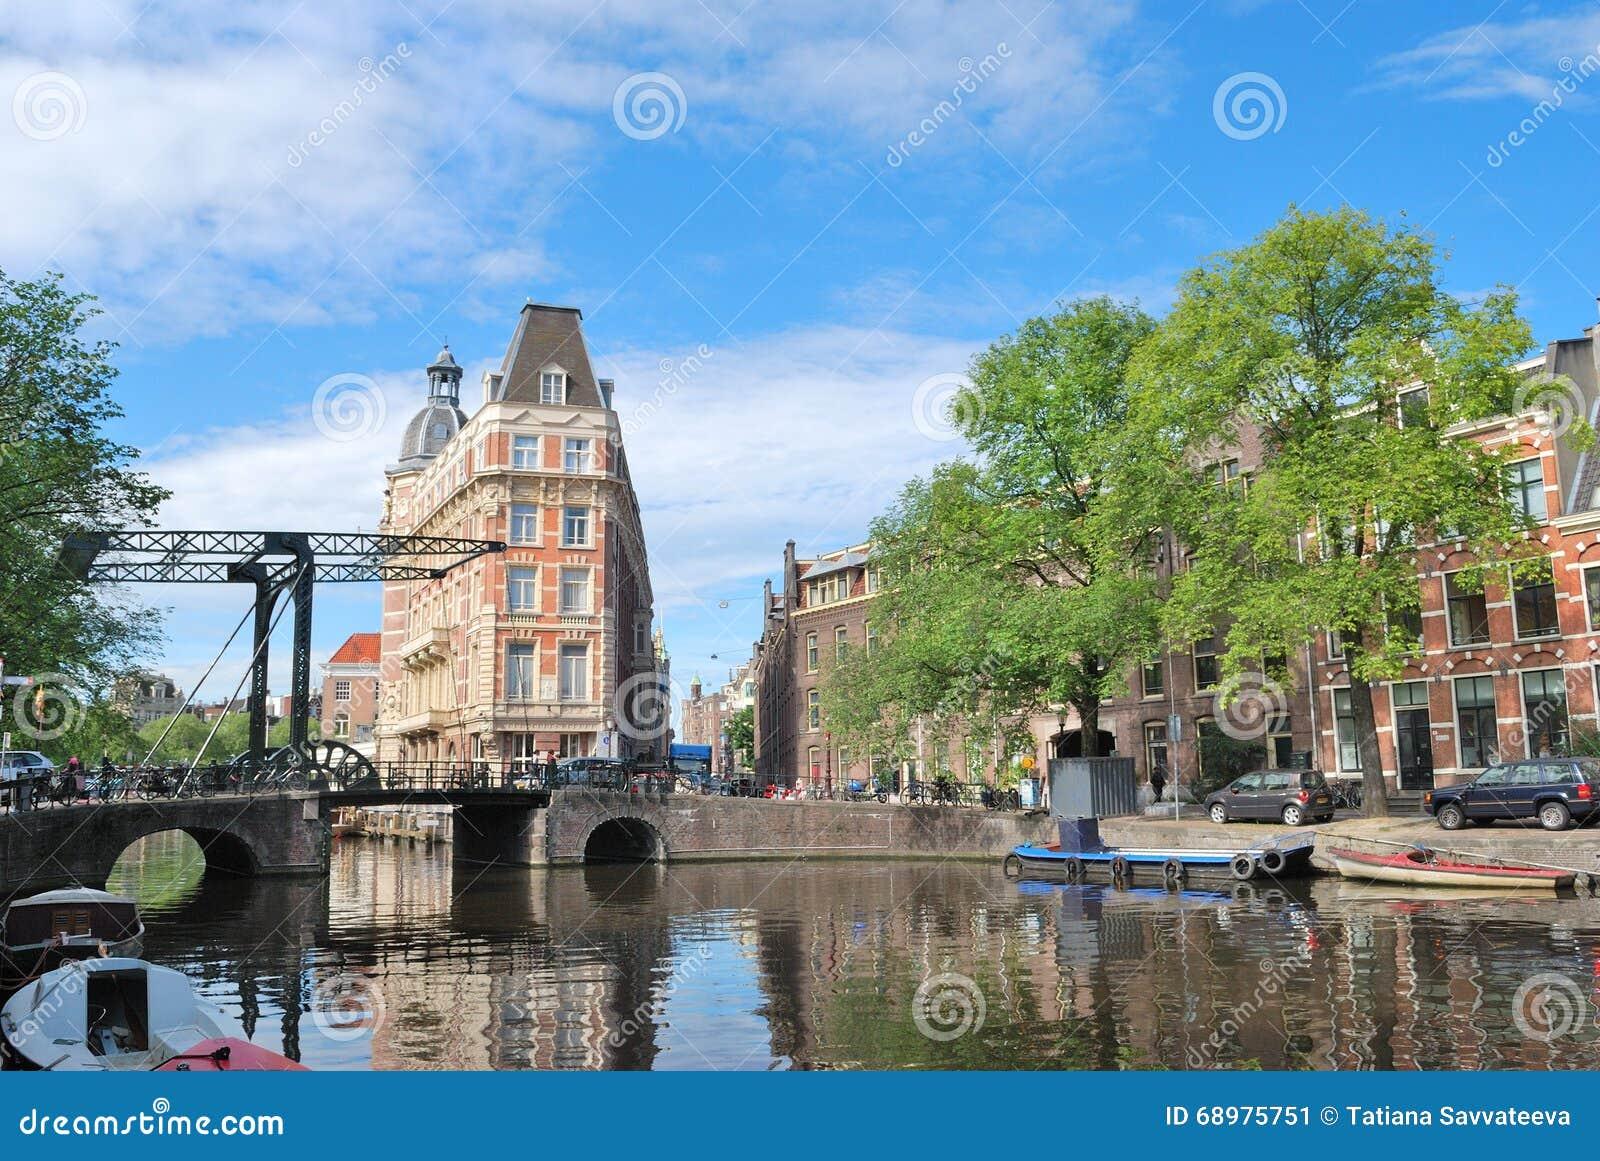 Arquitectura de Amsterdam